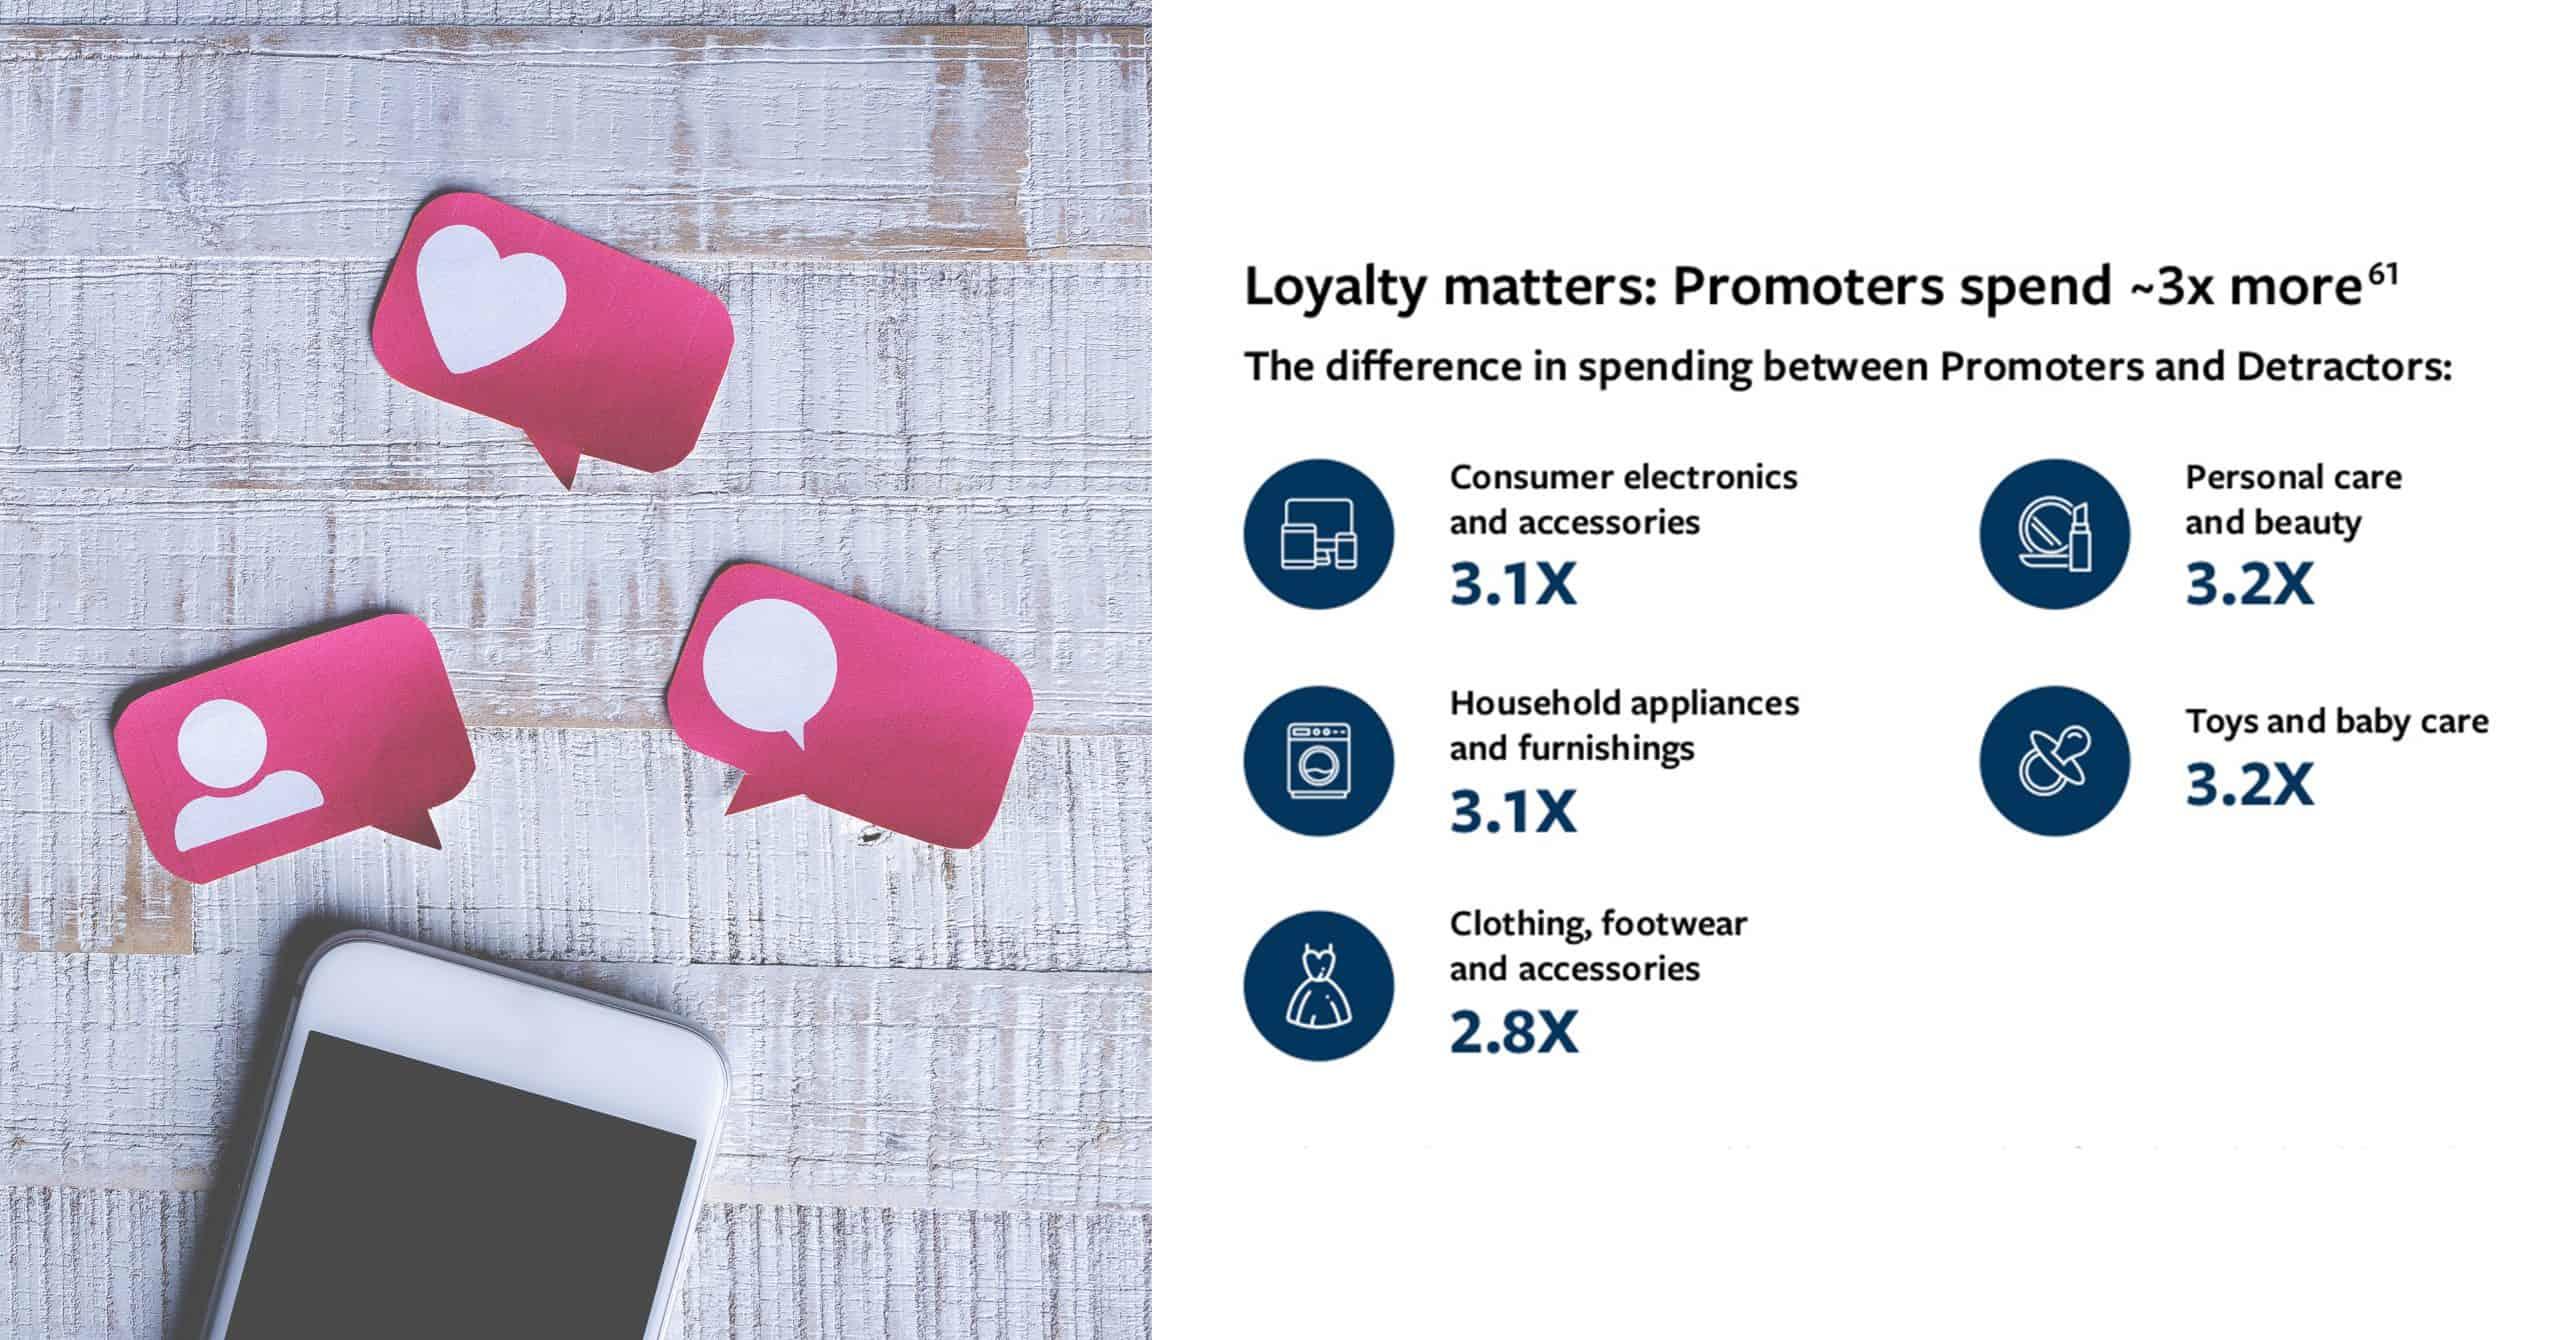 วิธีสร้าง Brand Promoters และป้องกัน Brand Detractors